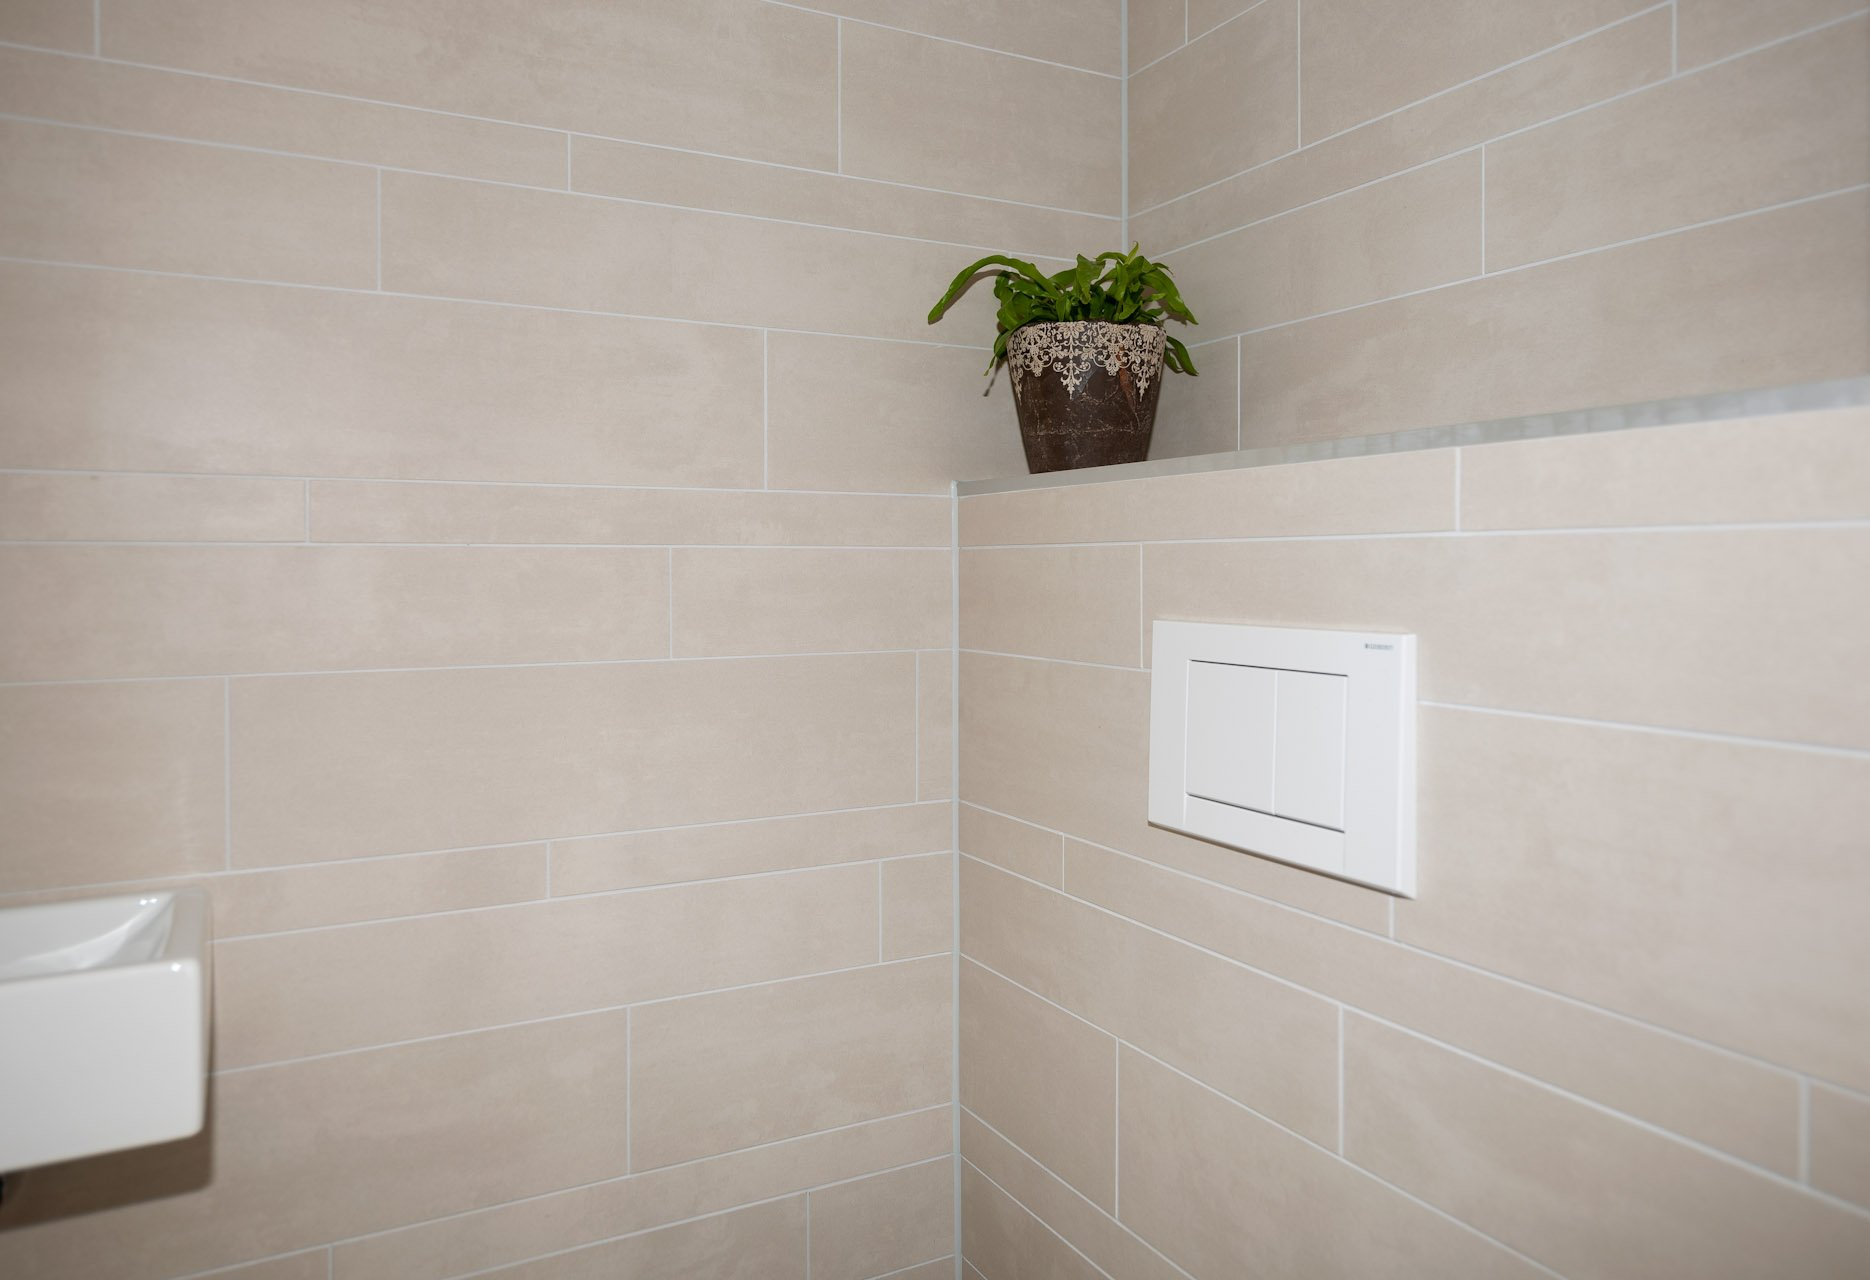 Houtlook Tegels Praxis : Praxis badkamers voorbeelden stunning badkamer ideeen opslag with